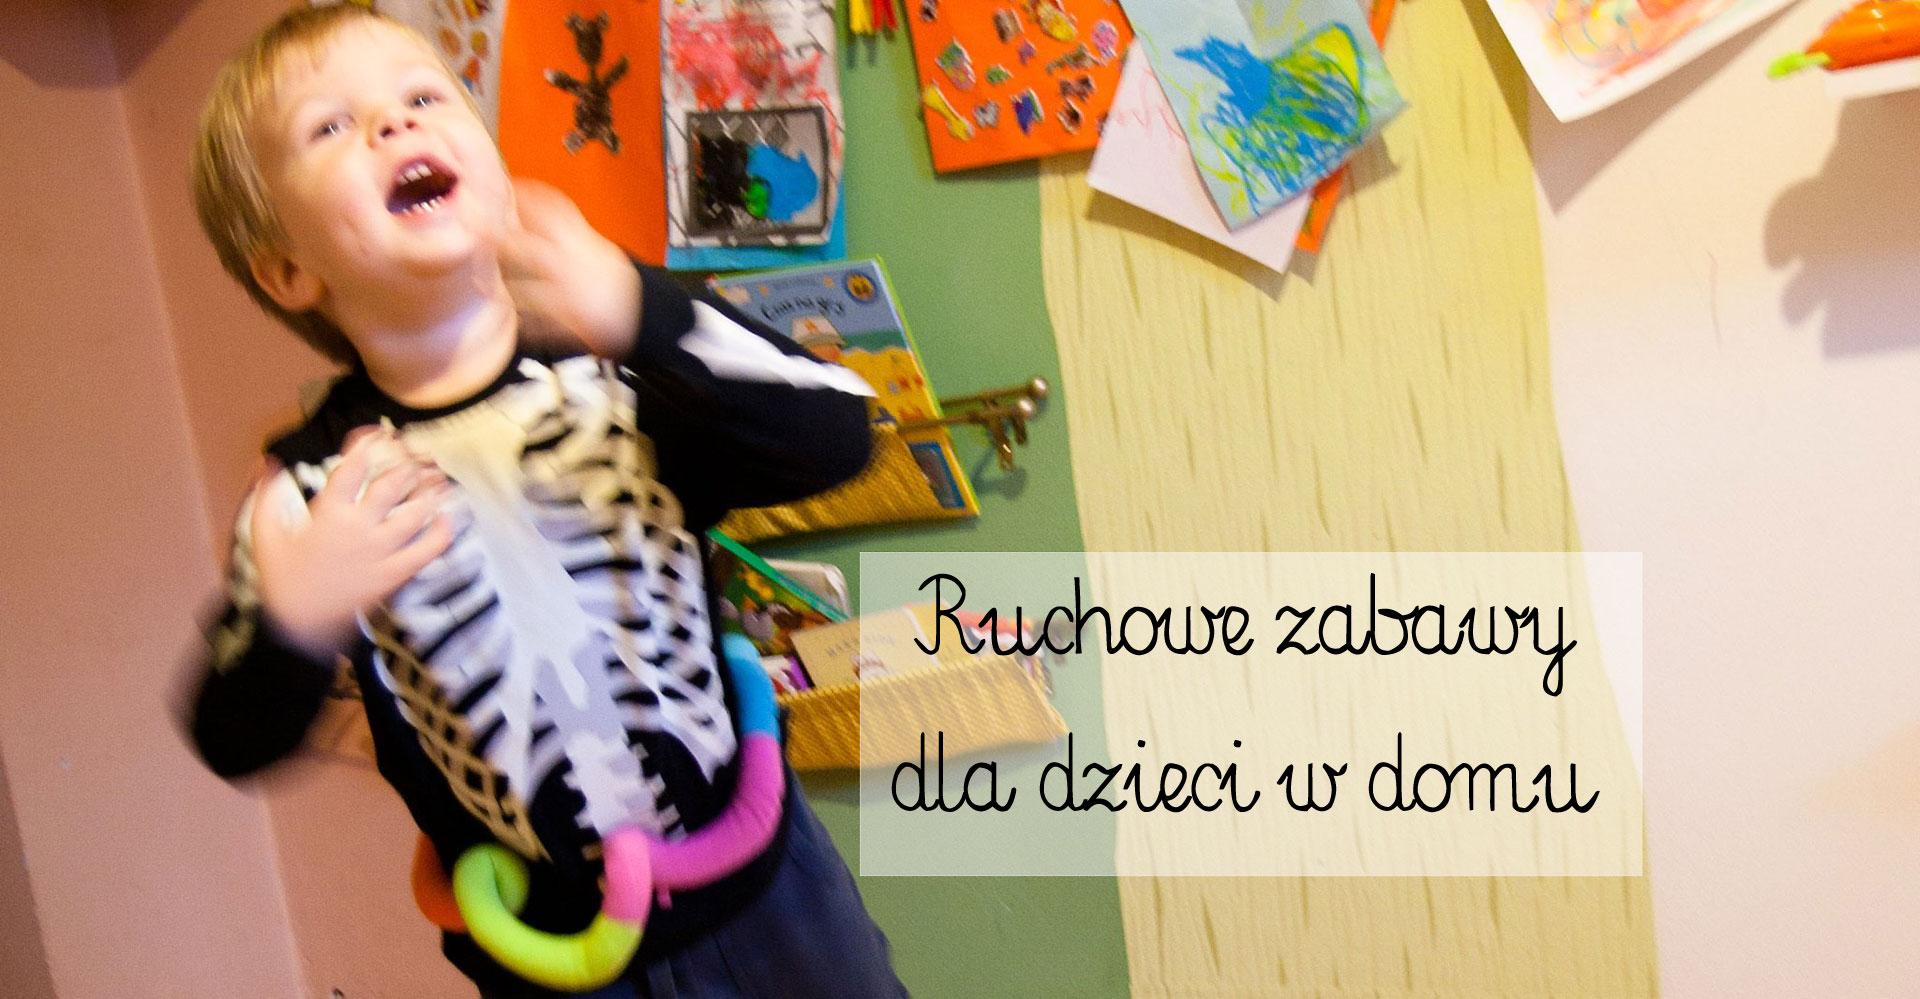 zabawy dla dzieci w domu, przedszkolak w domu się nudzi, zabawy ruchowe dla dzieci, ruch w domu, zabawy na jesień i zimię, ruch to zdrowie, ćwiczenia dla dzieci